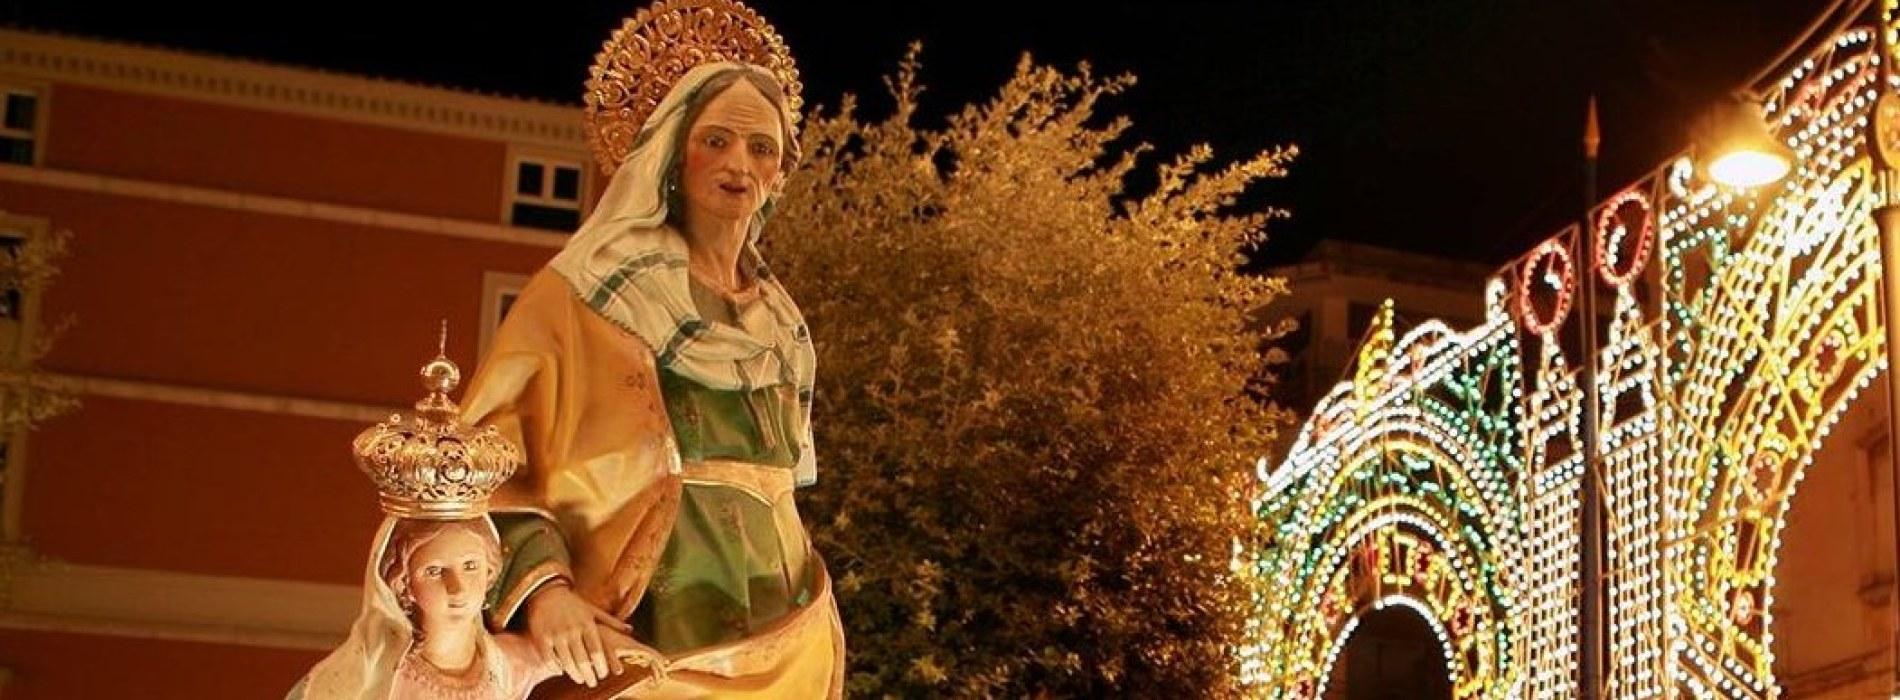 Festa di Sant'Anna a Caserta. Domenica la giornata clou